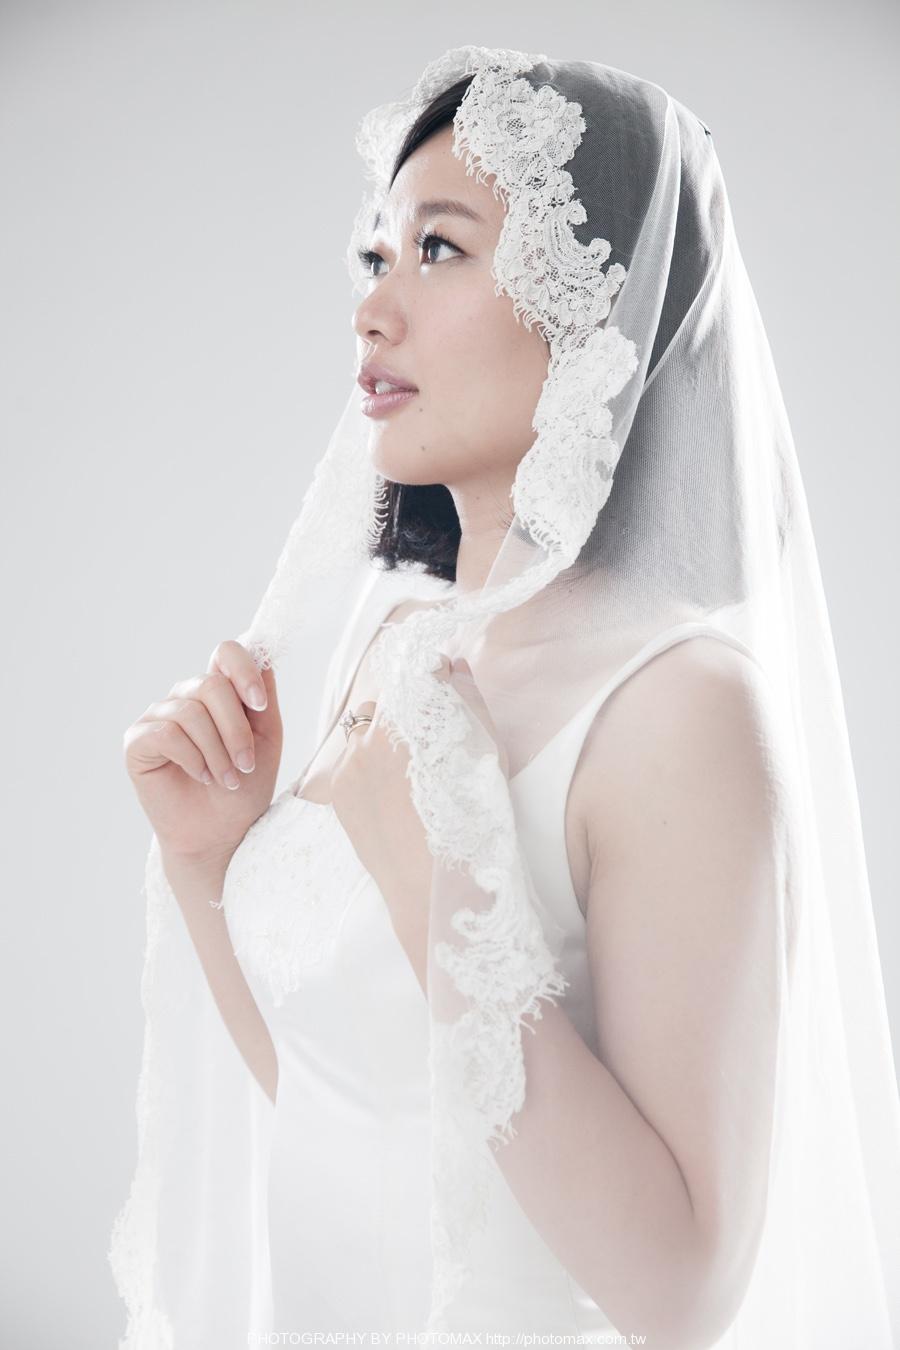 周甜 PHOTO MAX 婚纱摄影 PHOTOMAX 老麦摄影 (4)